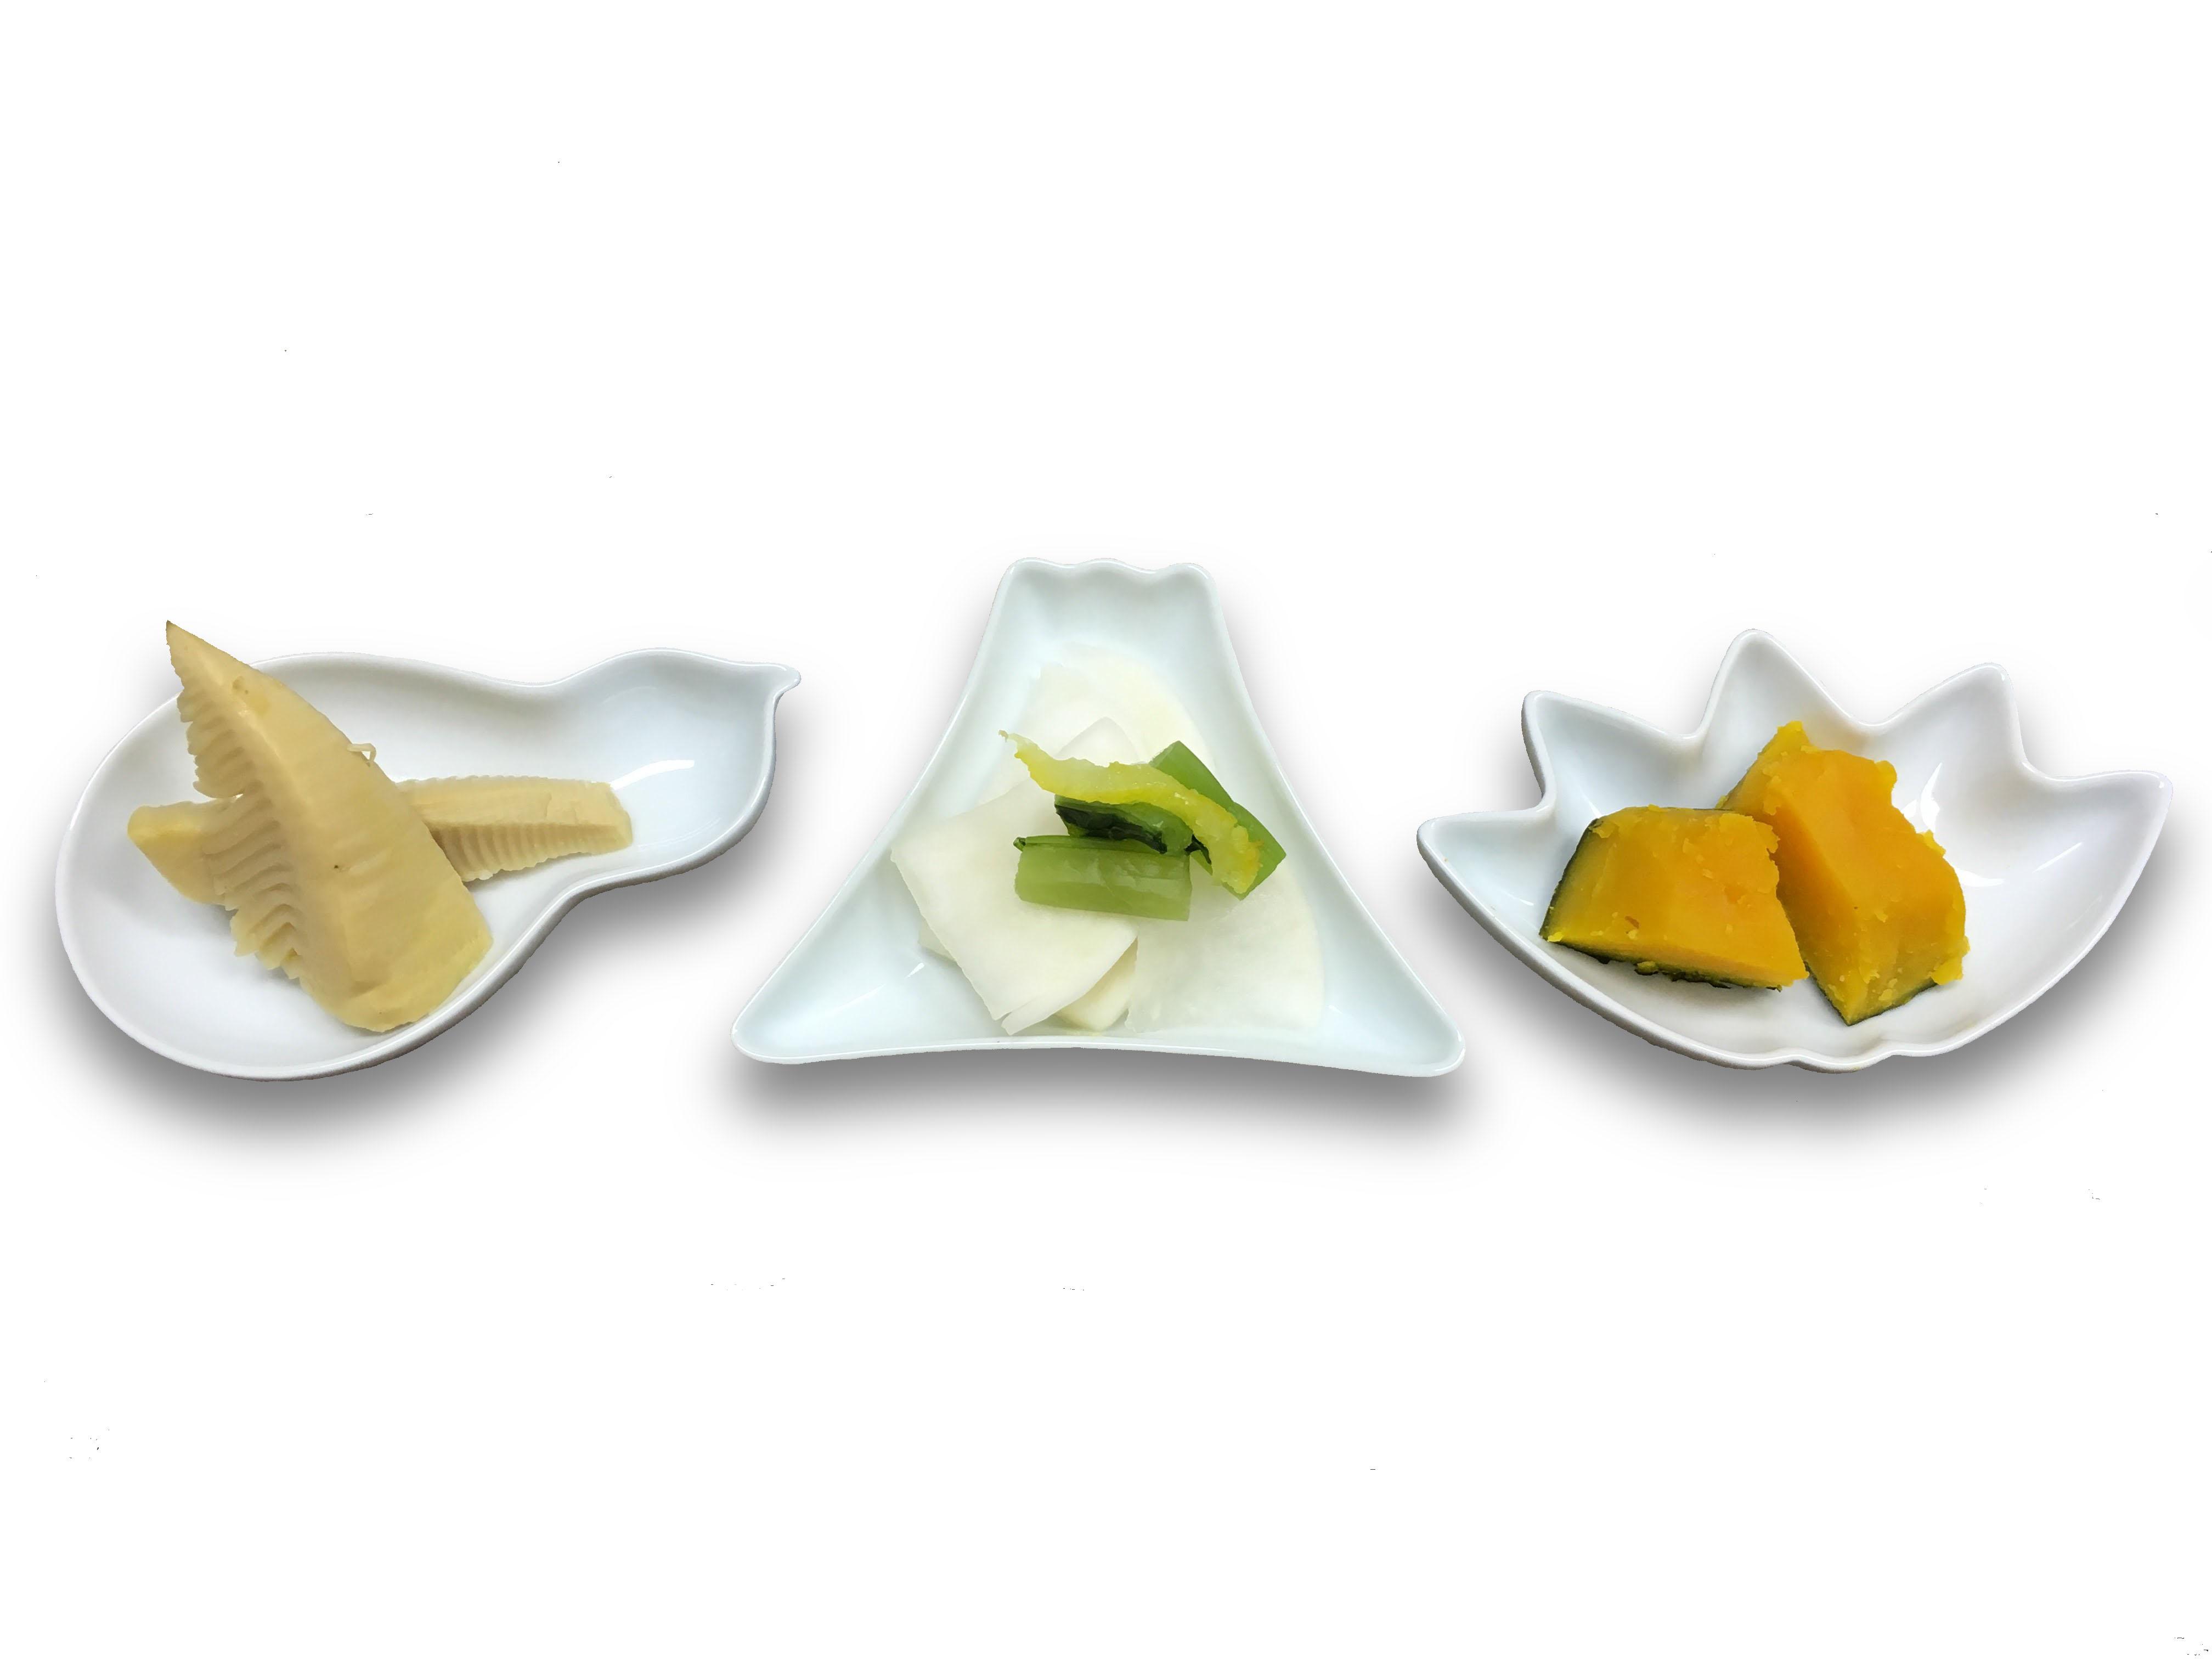 アッパレ 型変り豆皿(5点セット)